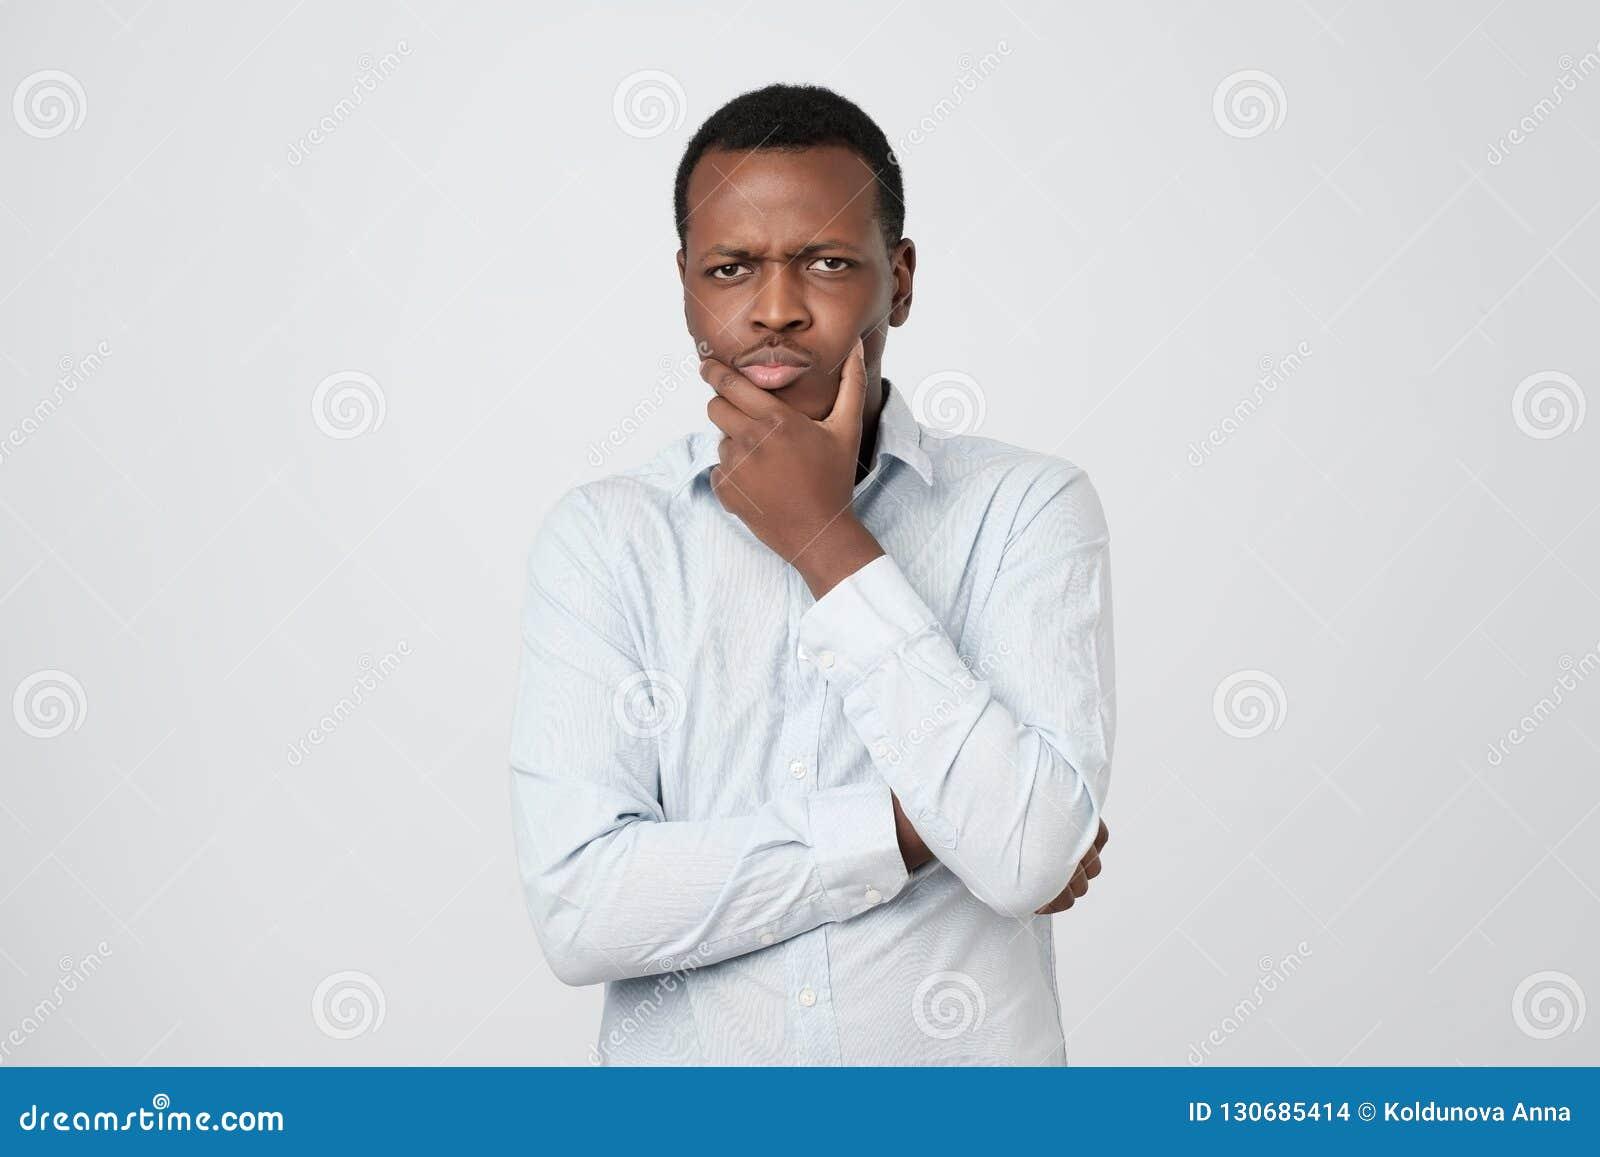 Το αφρικανικό νέο σκεπτόμενο άτομο ανατρέχει με το χέρι κοντά στο πρόσωπο που απομονώνεται στο άσπρο υπόβαθρο